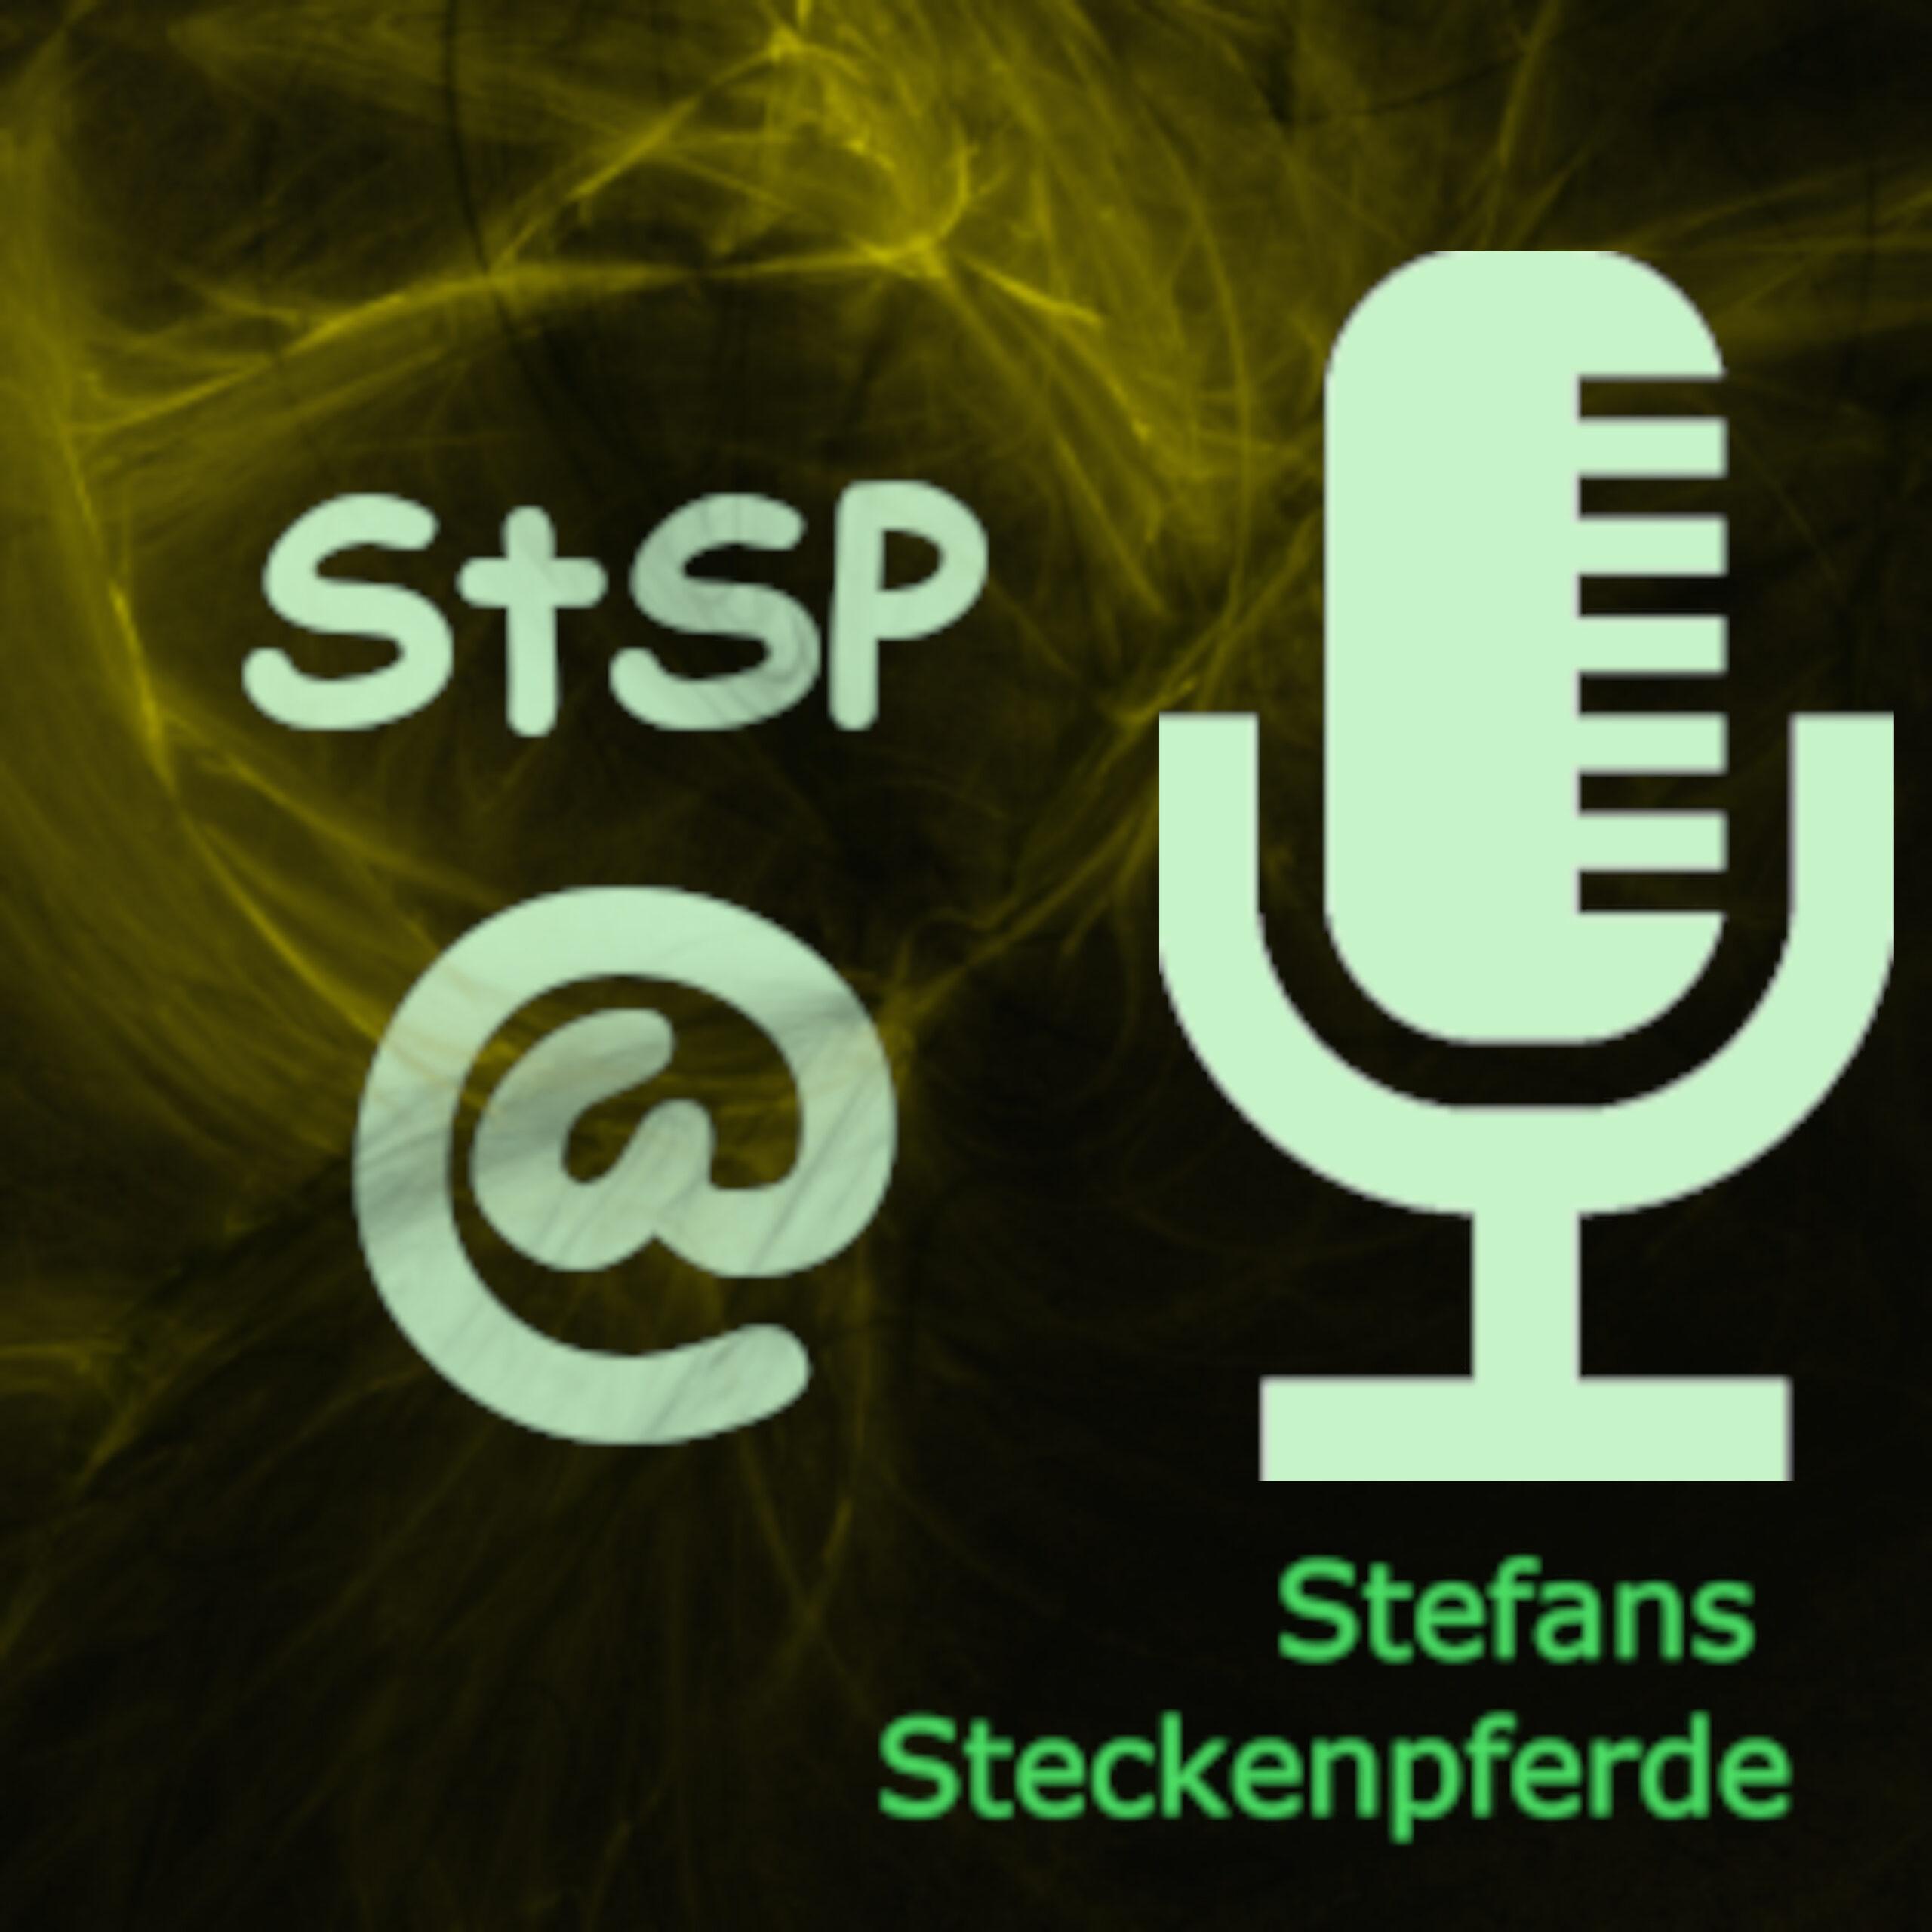 Stefans Steckenpferde